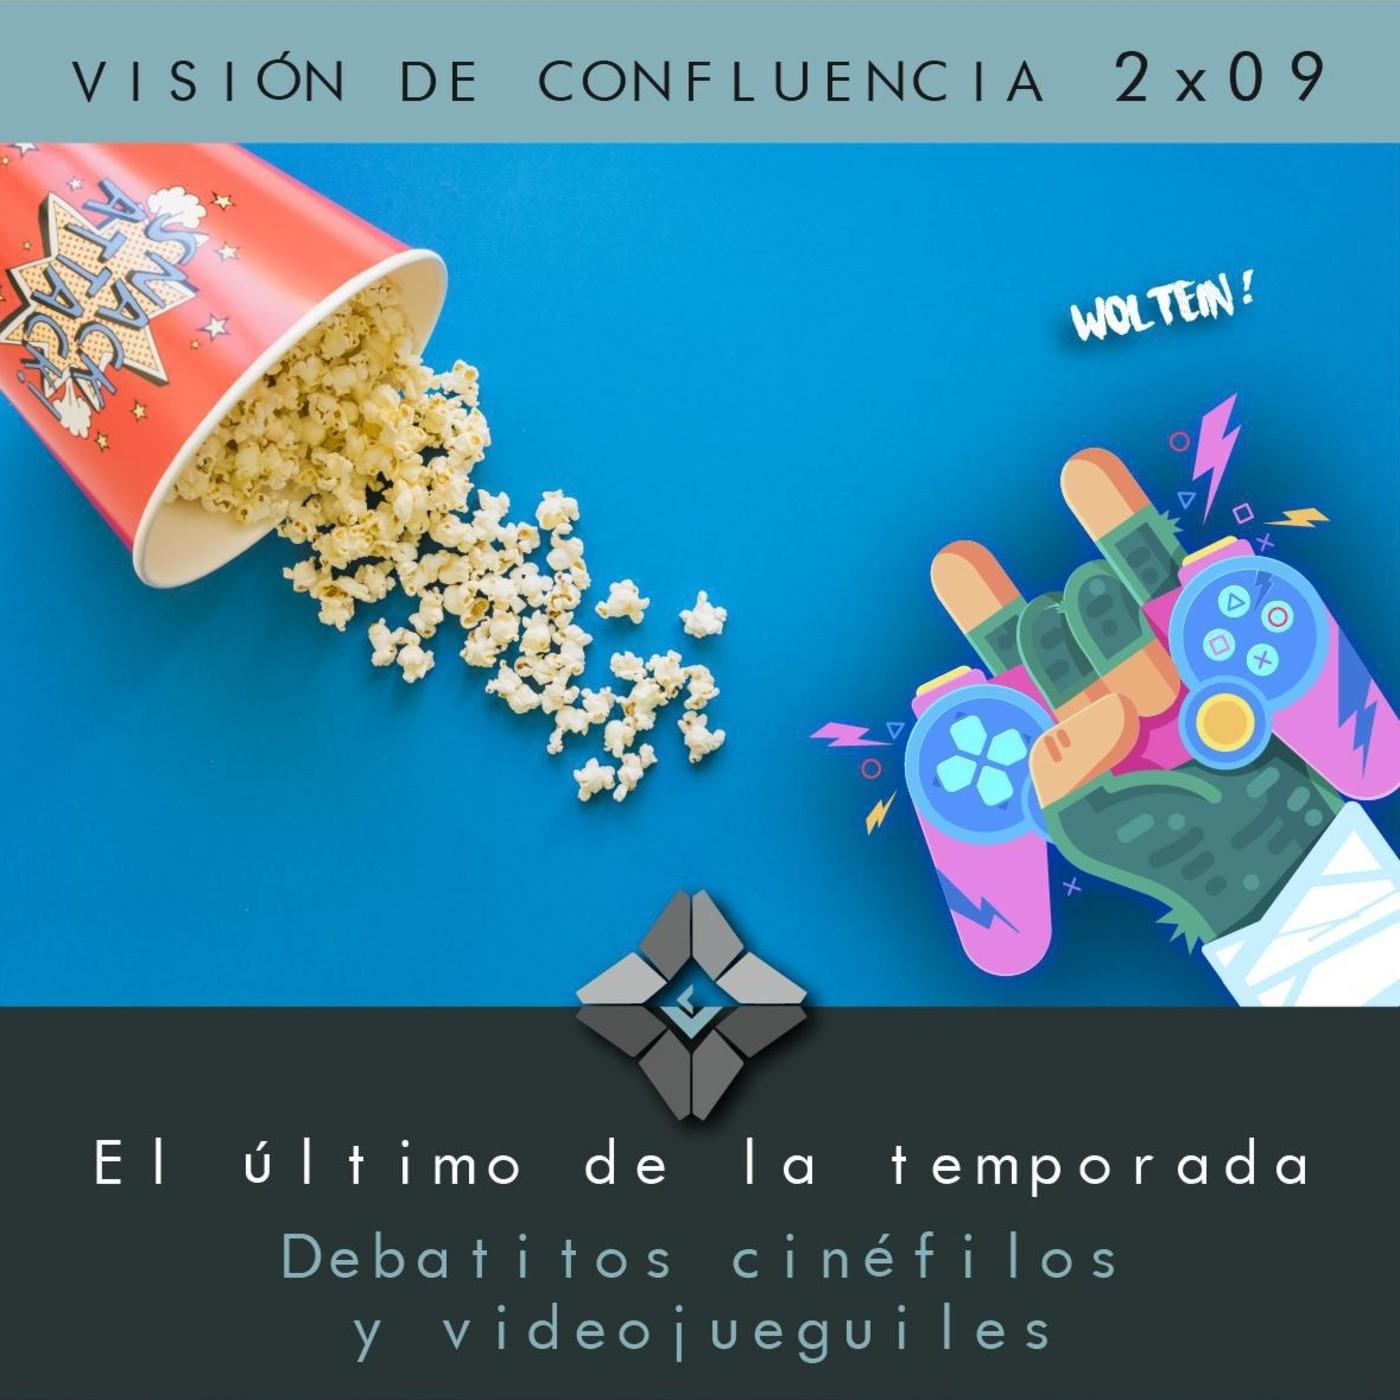 2X09 Final de temporada (Debates cinefilos y videojueguiles)